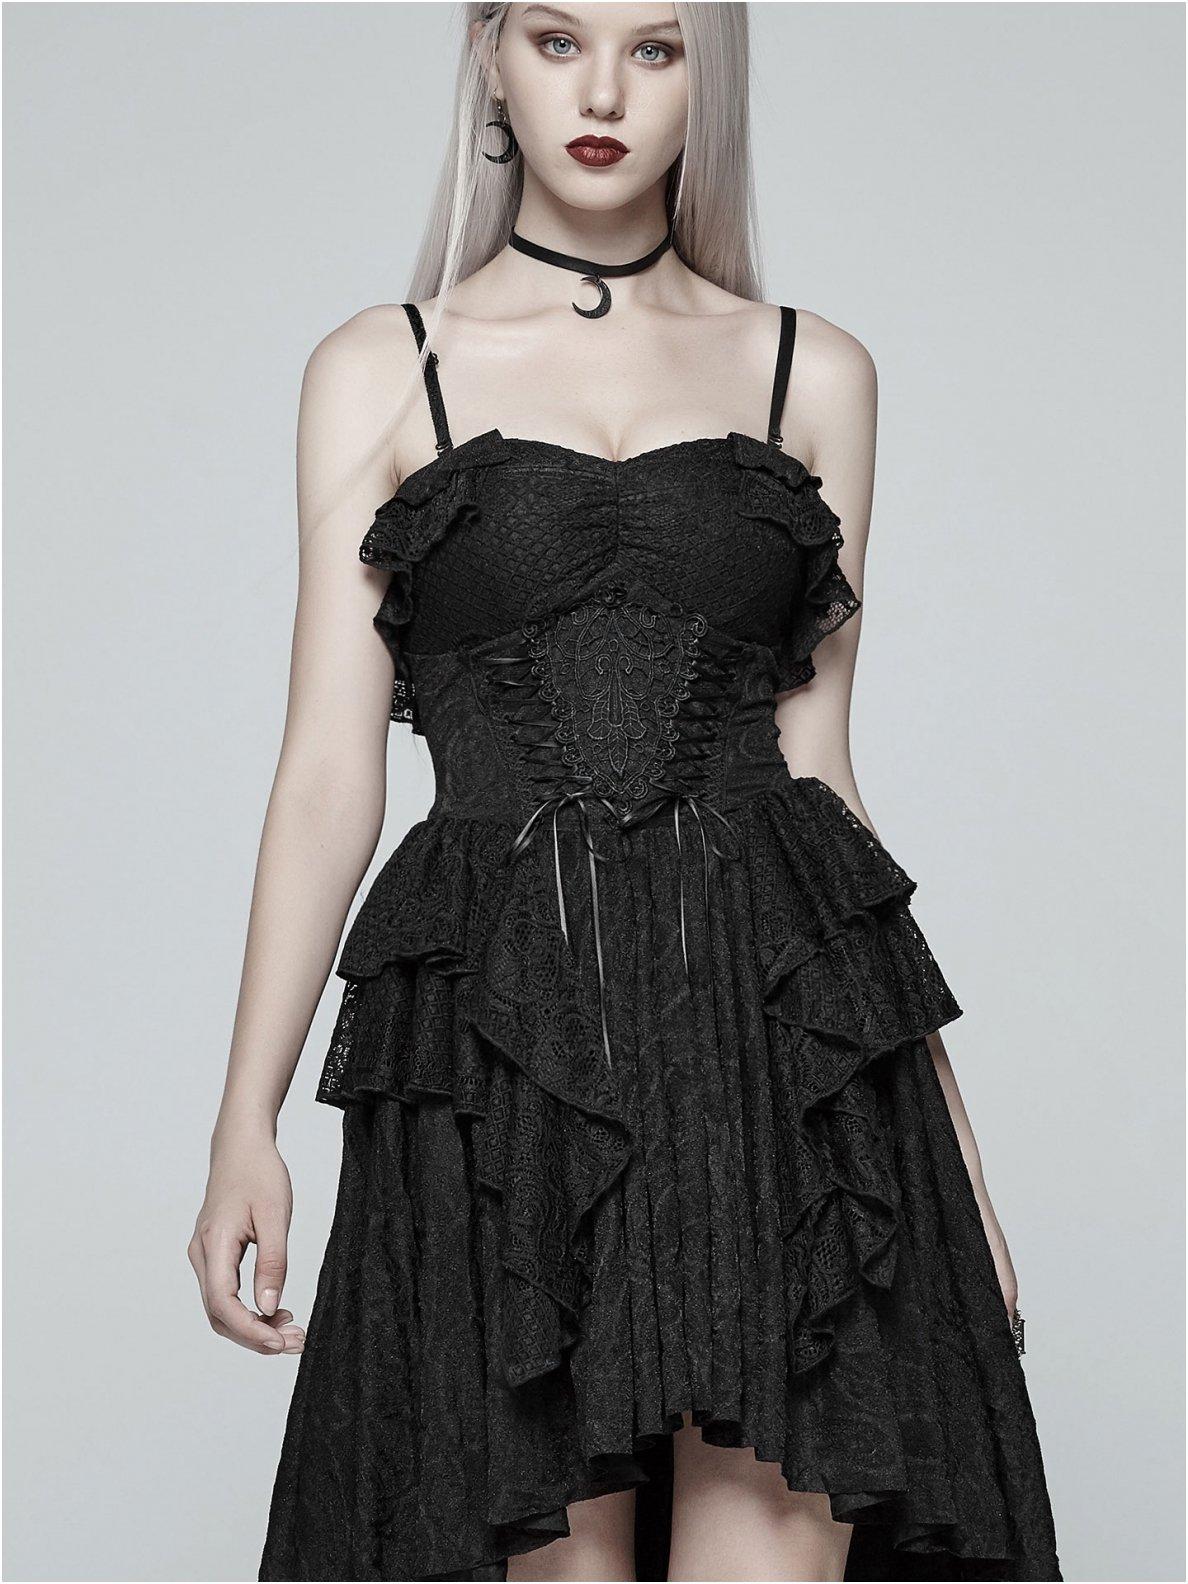 schwarzes kleid mit spitze | kleider - kurz